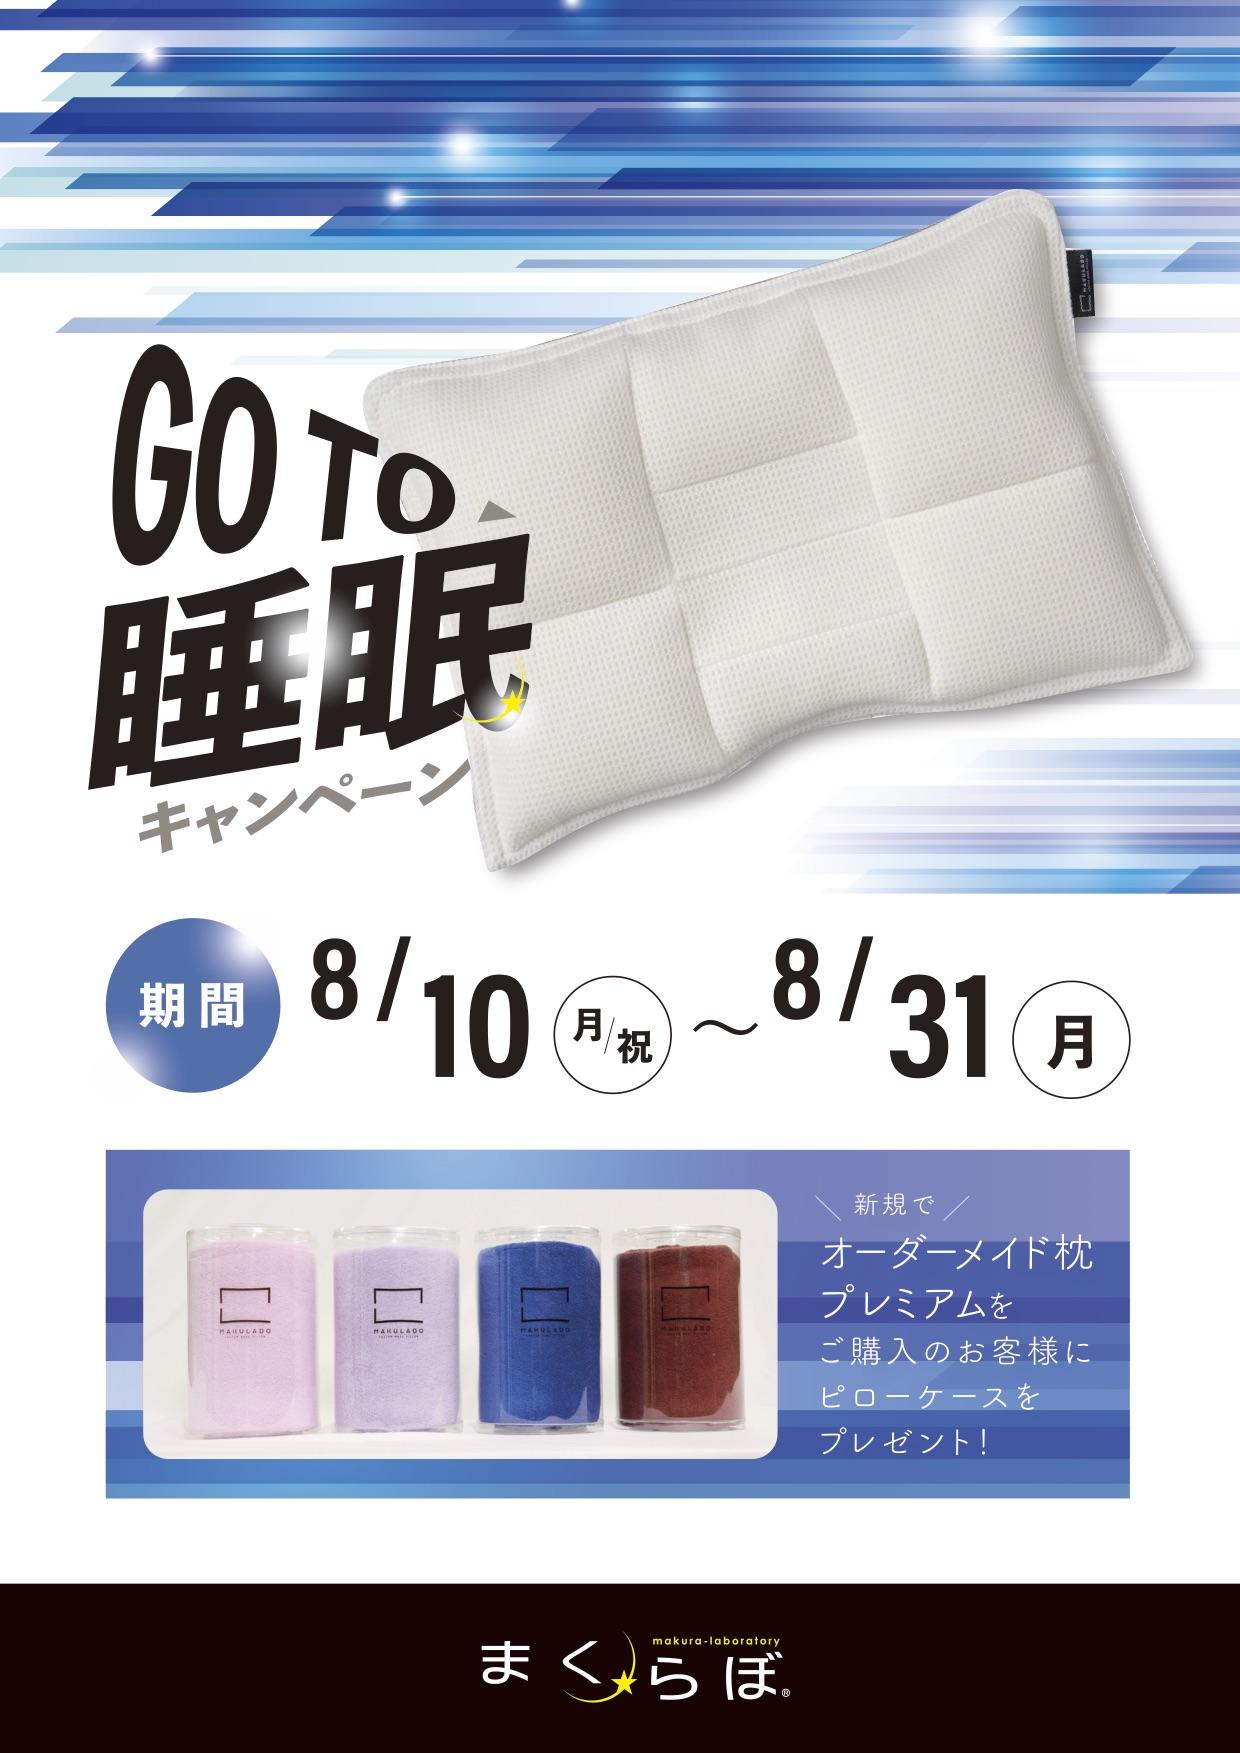 まくらぼ「GoTo睡眠キャンペーン」全国28店舗で8/10~8/31開催!